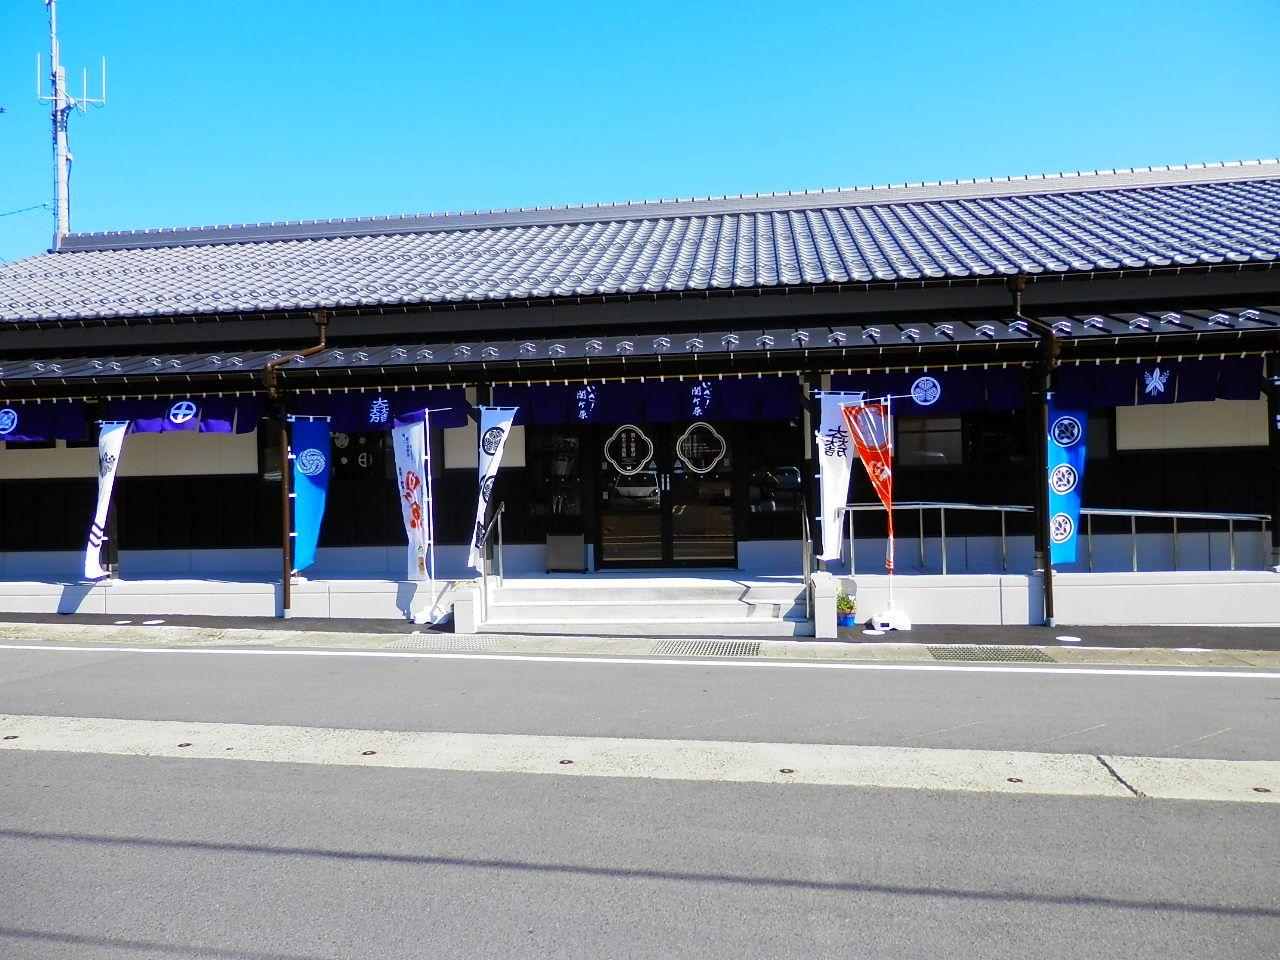 関ヶ原駅前に観光交流館「いざ!関ヶ原」がオープン